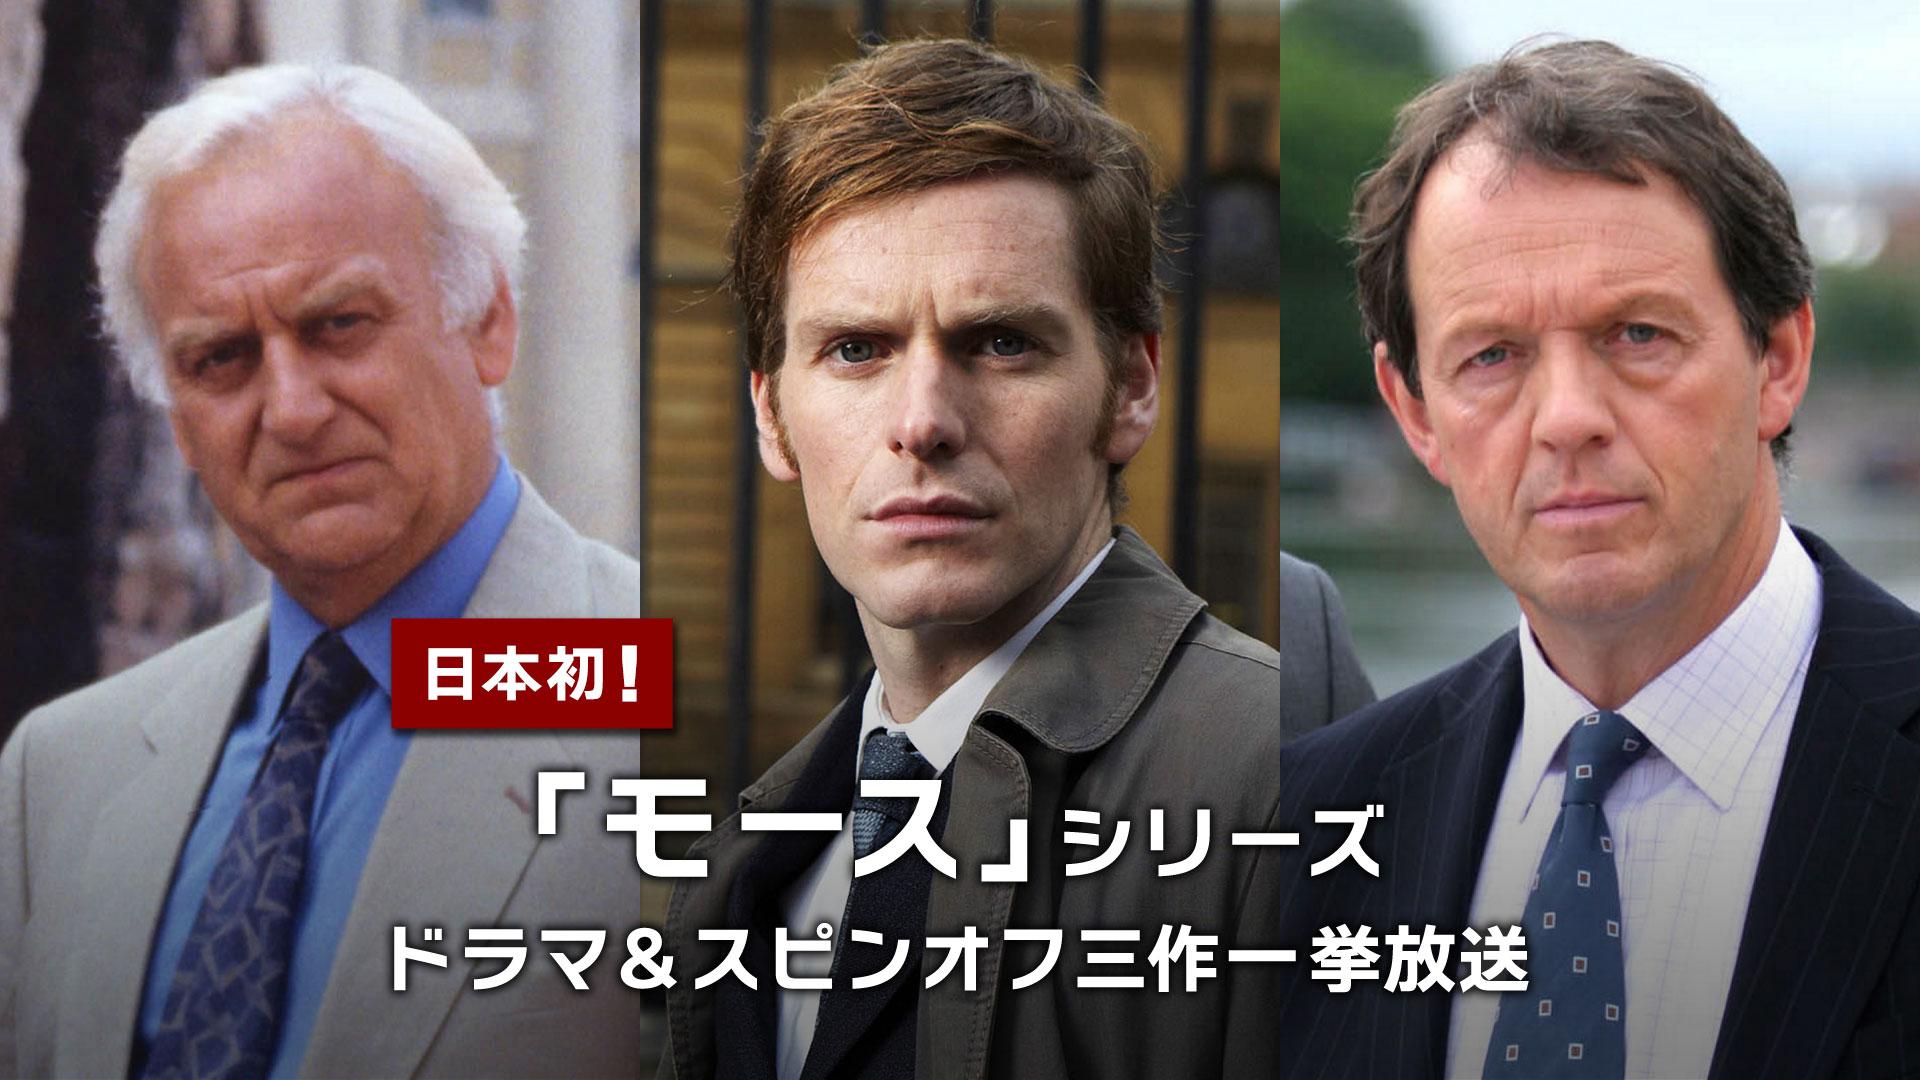 「モース」シリーズ 三作一挙放送